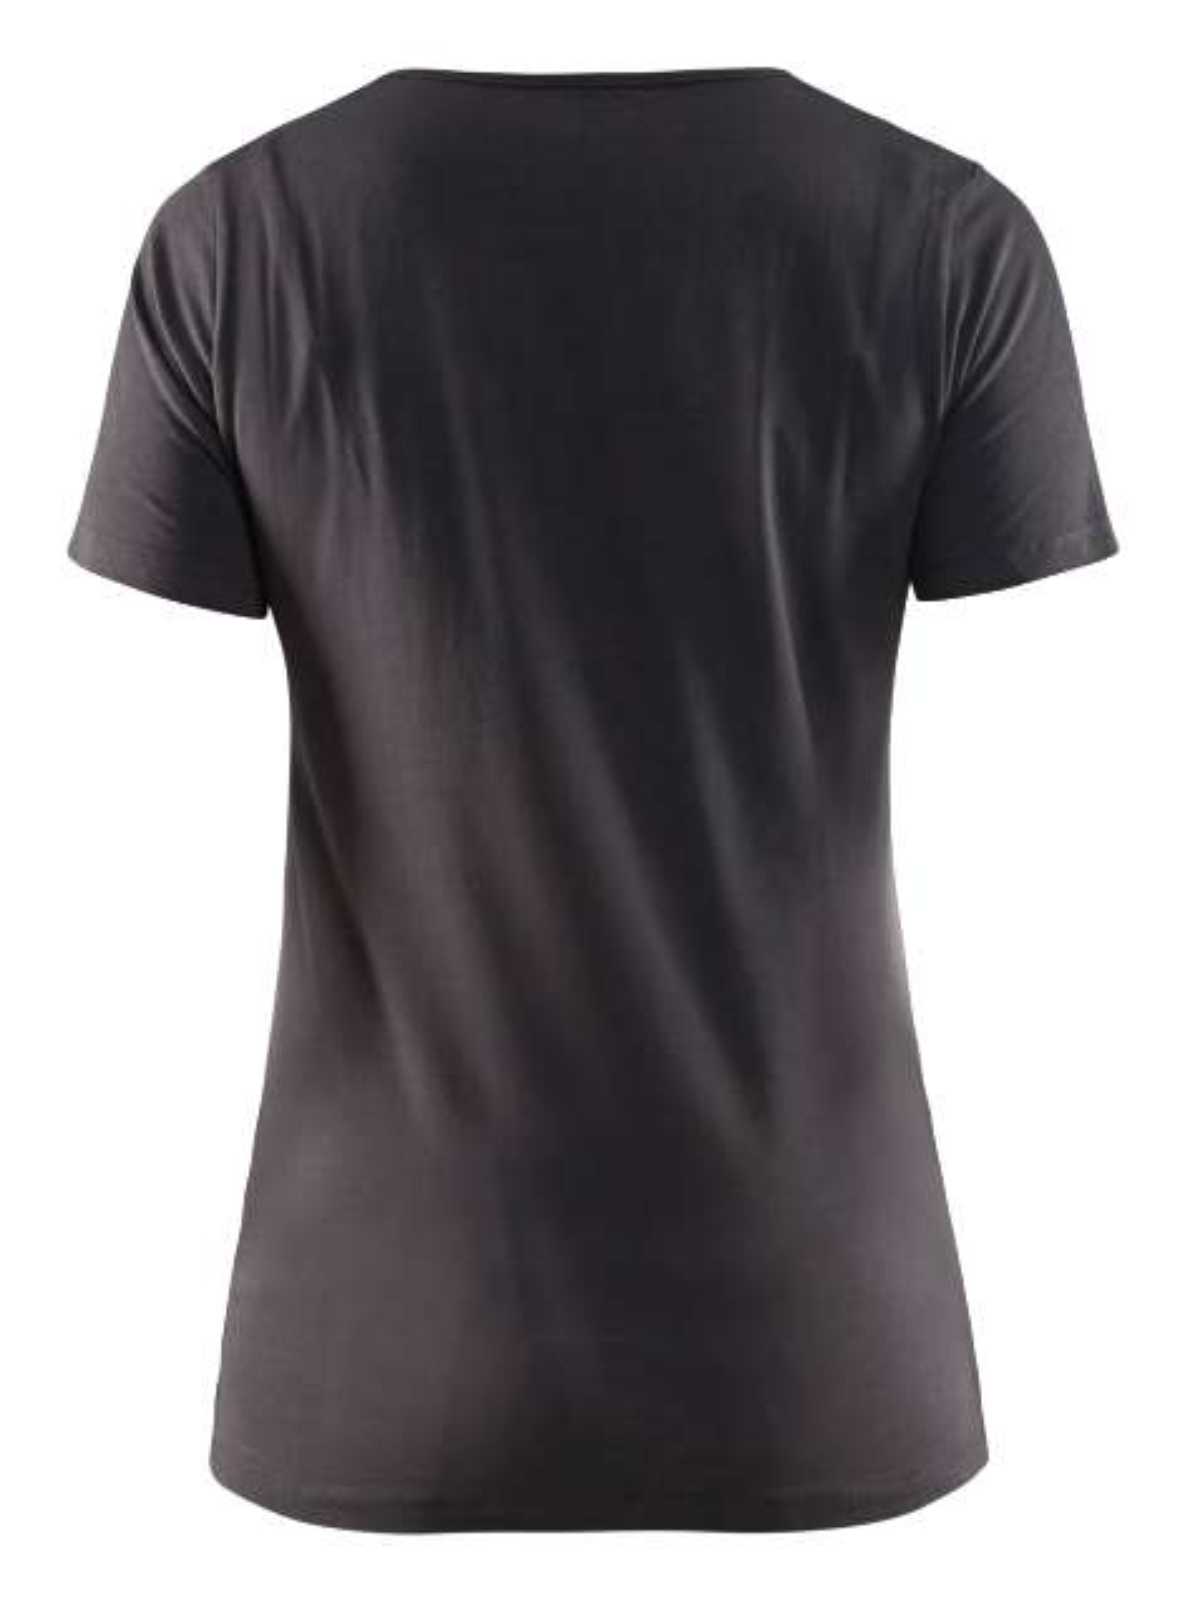 Blaklader T-shirts 33041029 marineblauw(8600)